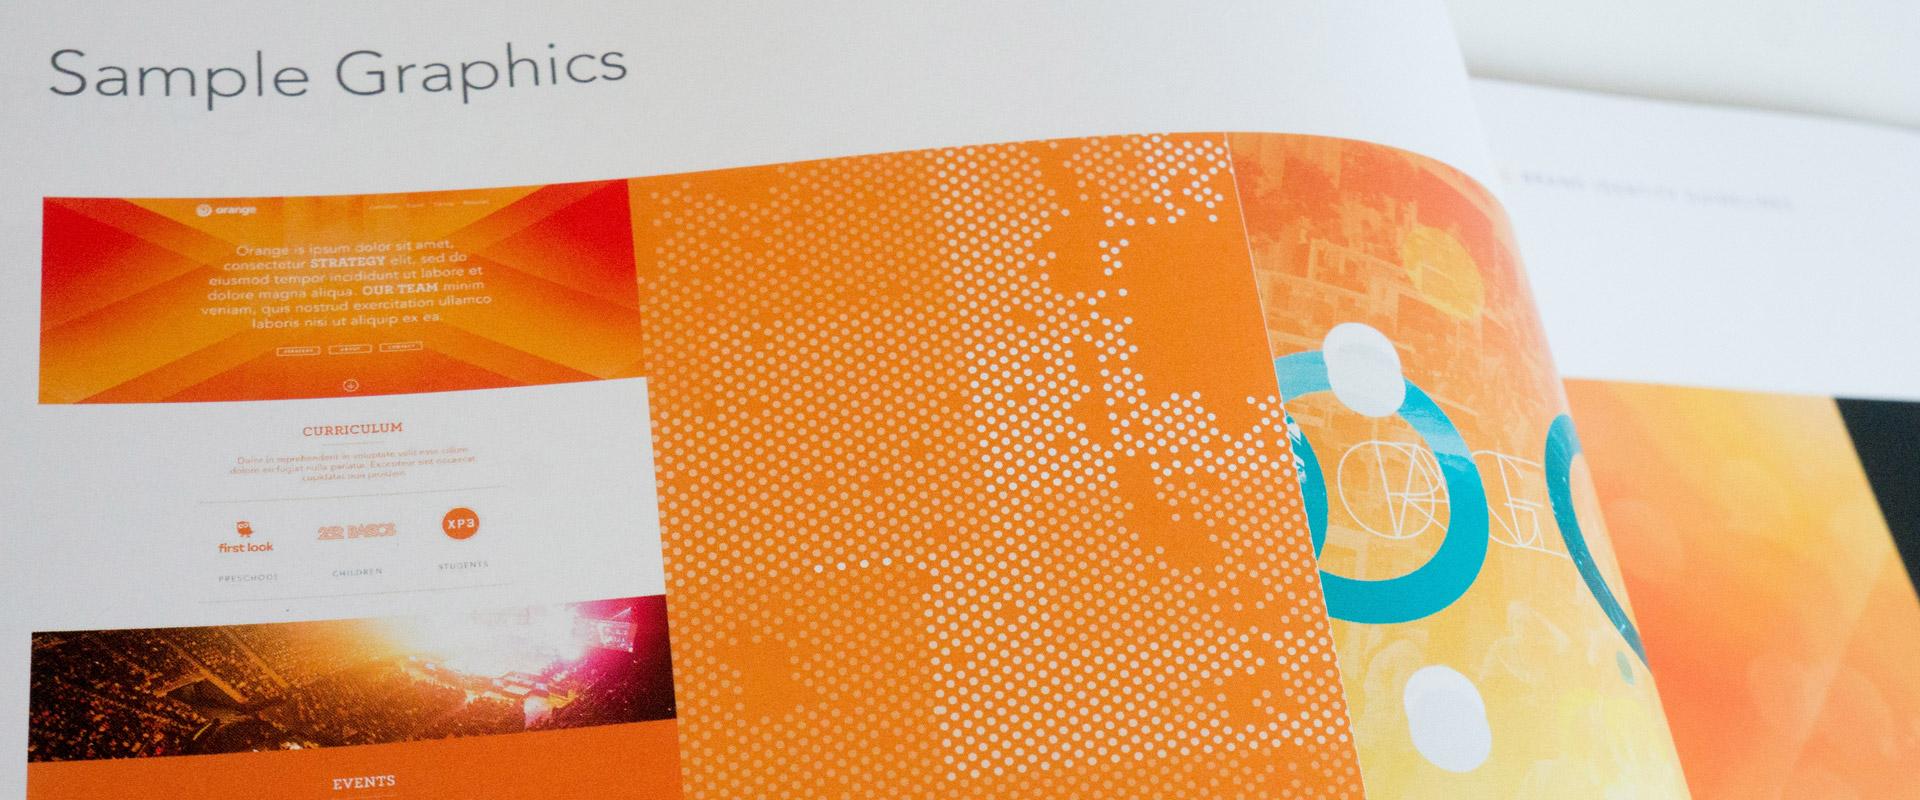 orangebrand-brandbook5.jpg